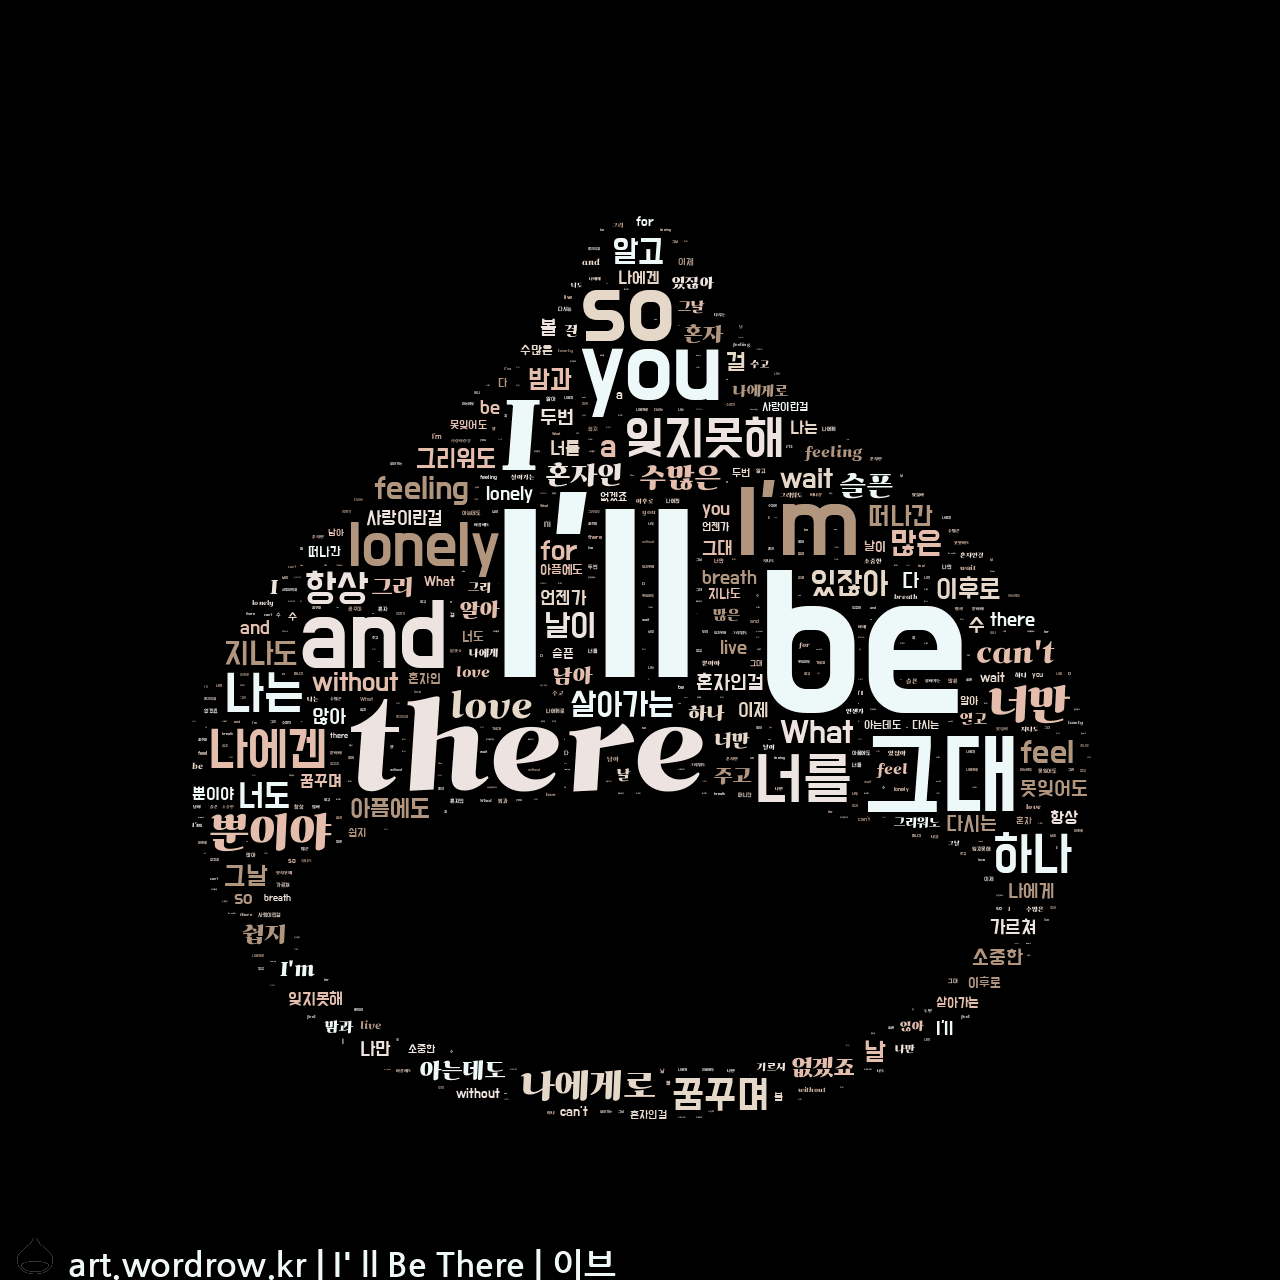 워드 아트: I' ll Be There [이브]-6